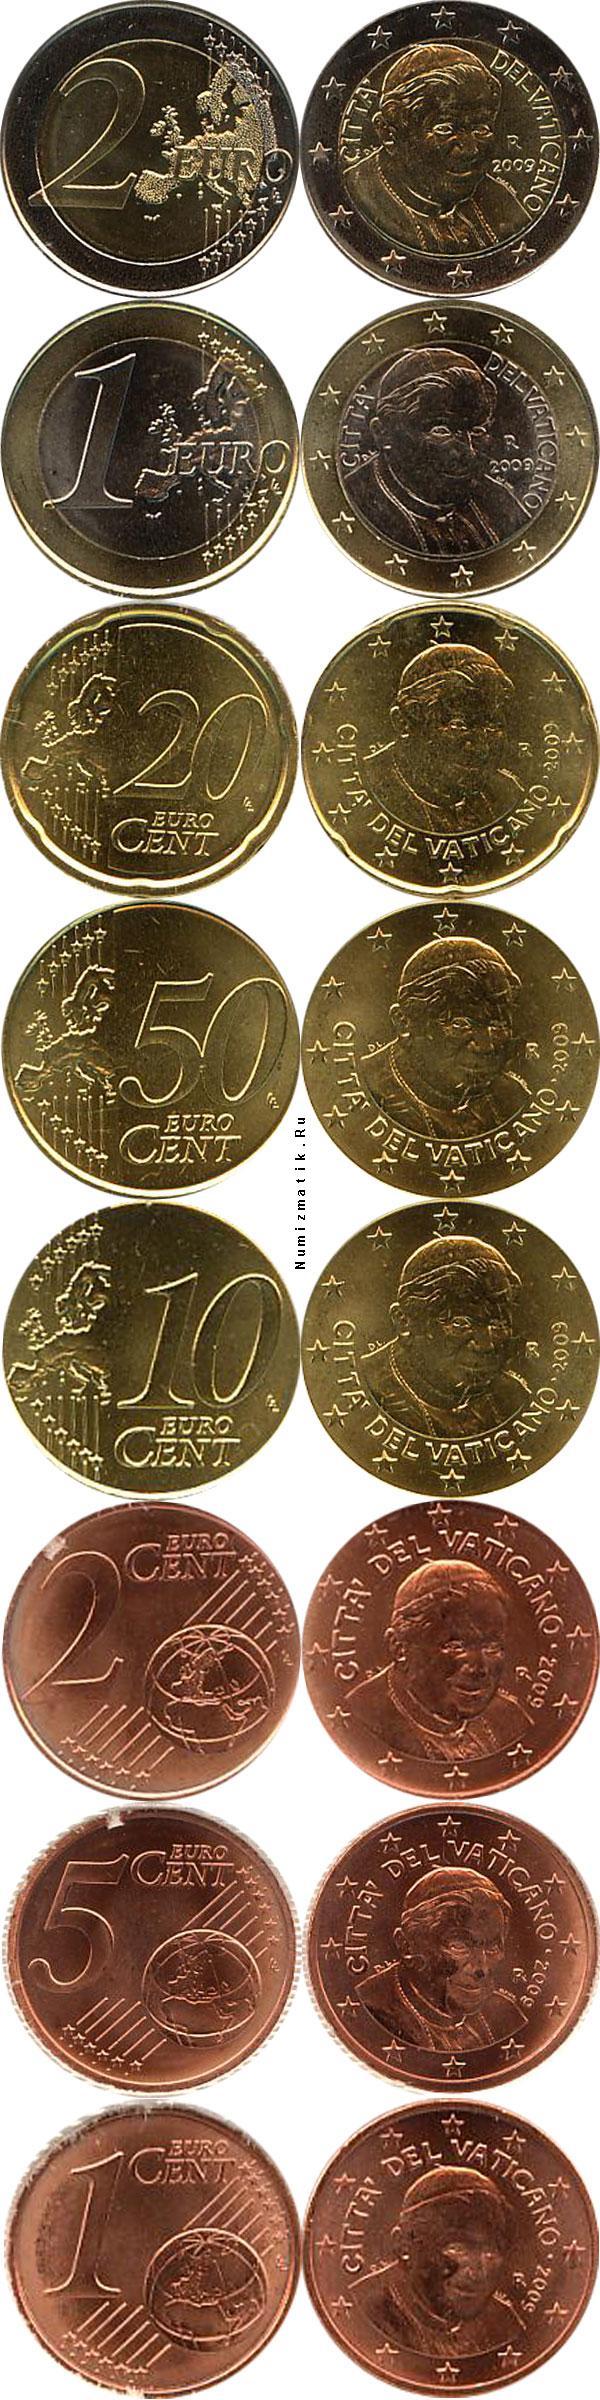 Каталог монет - Ватикан Евронабор 2009